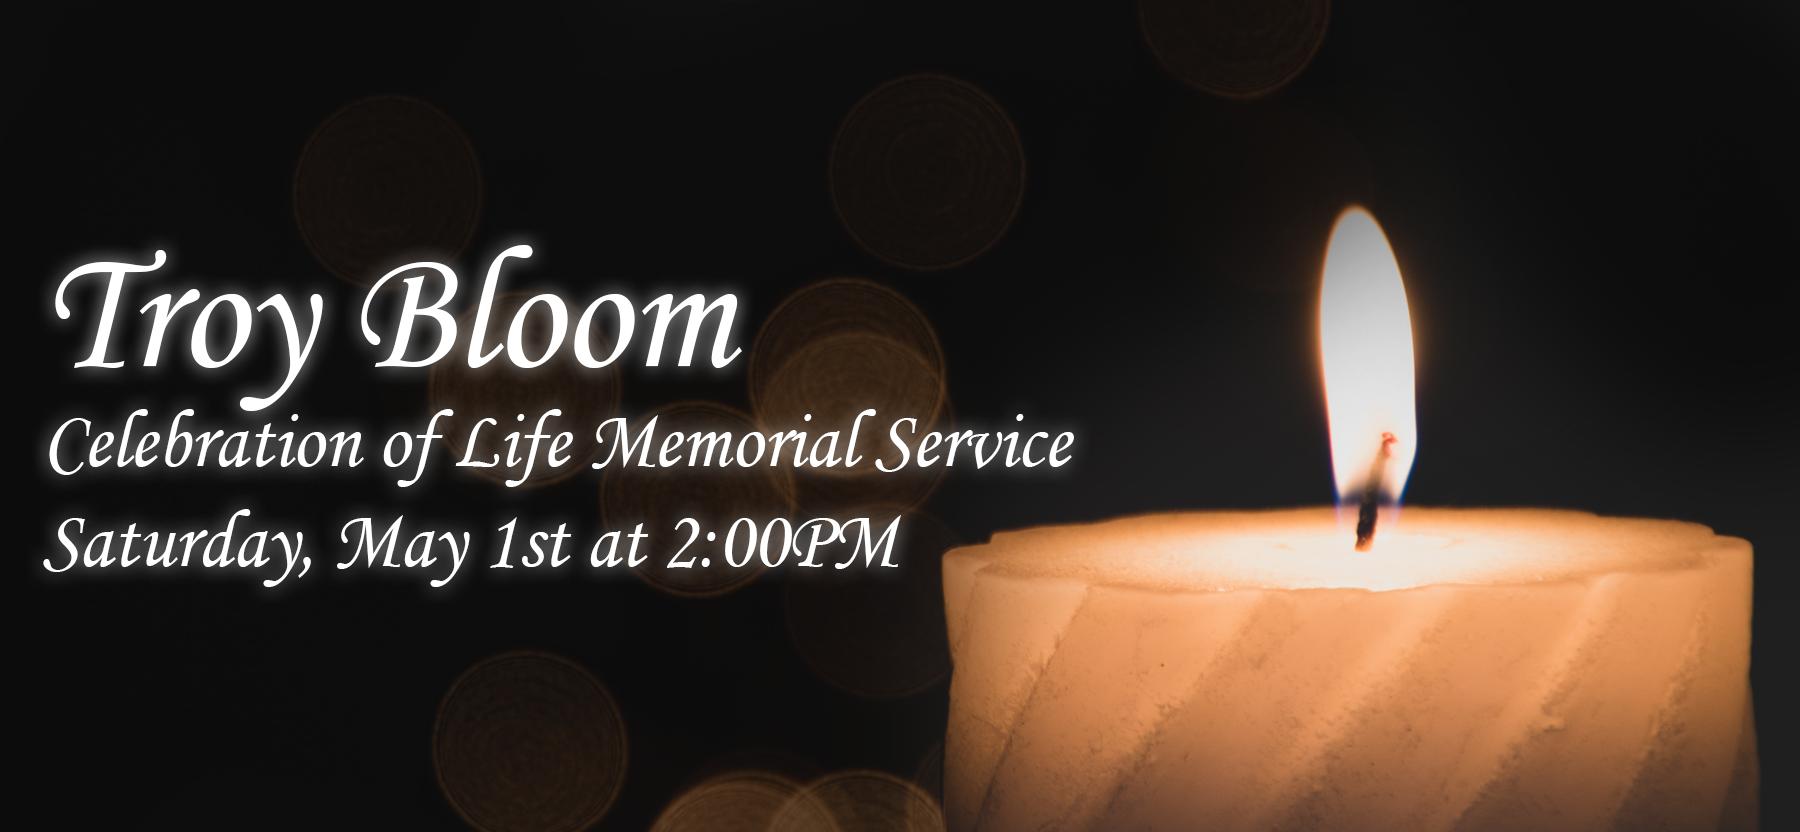 Troy Bloom Memorial